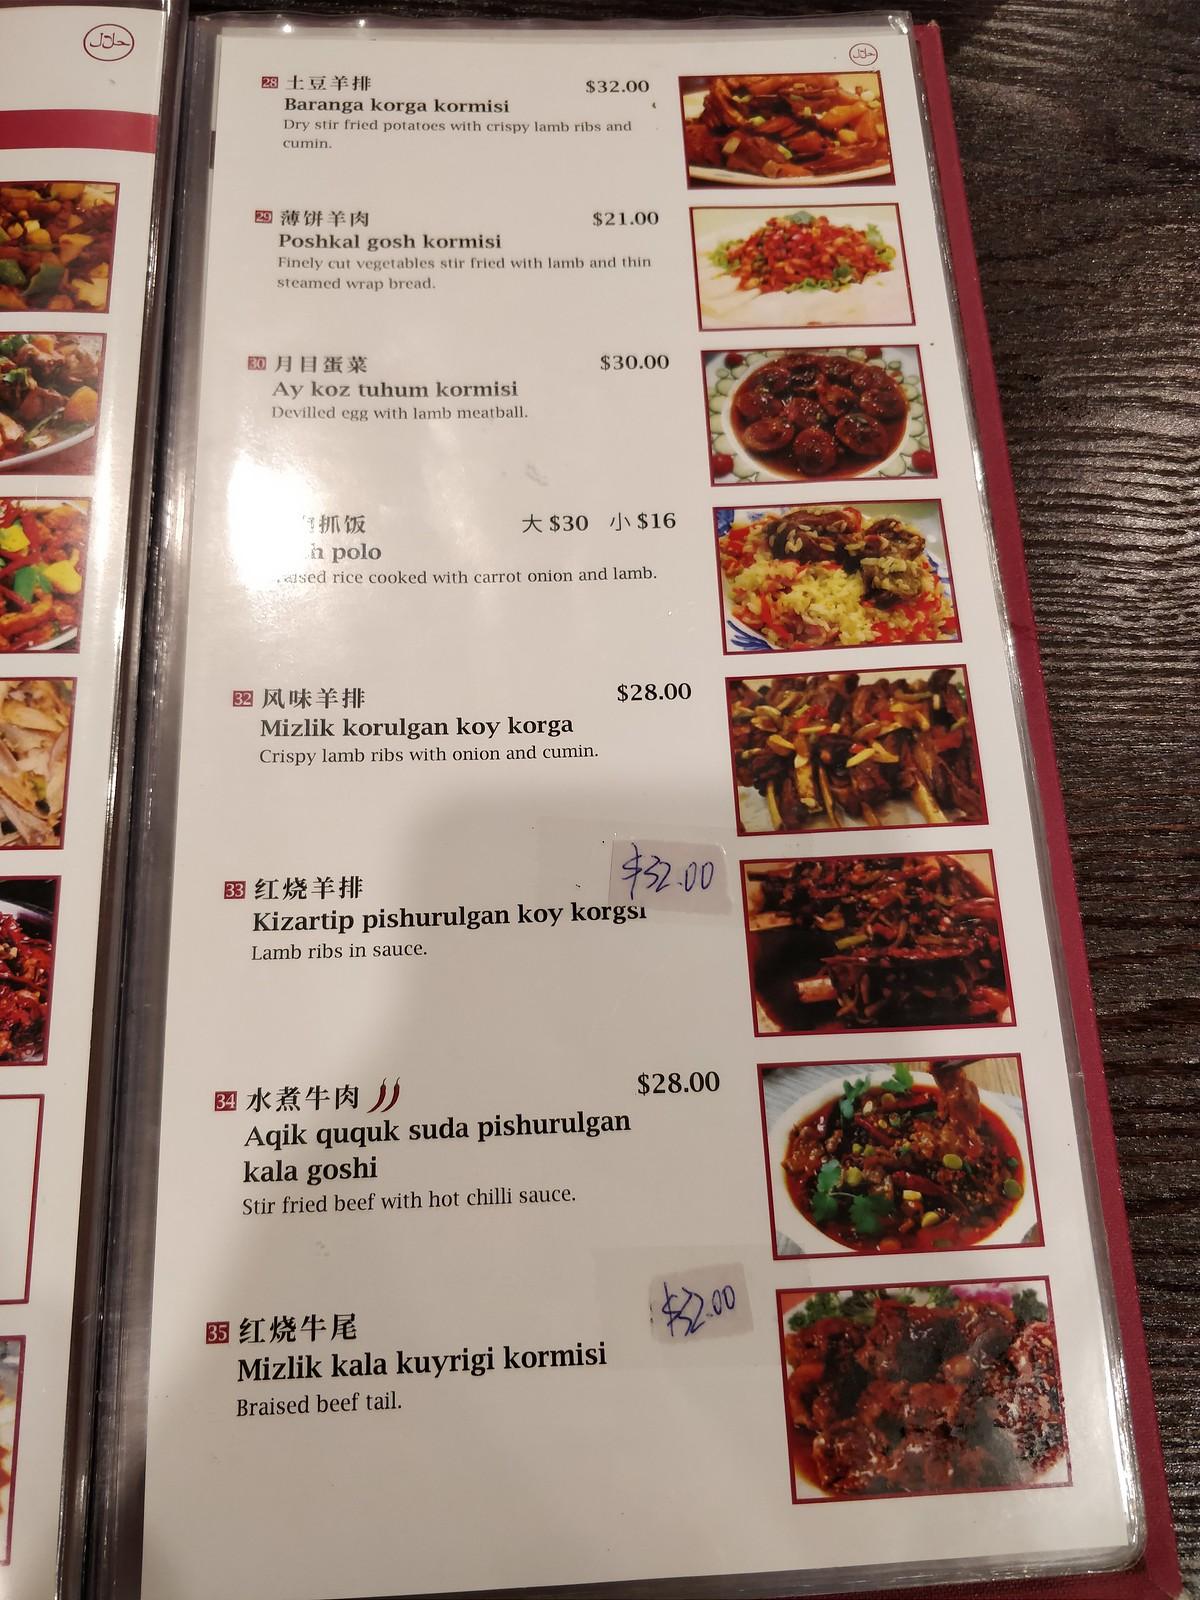 Xinjiang special dishes menu 2 - Kaynam Uyghur Restaurant, Carnegie